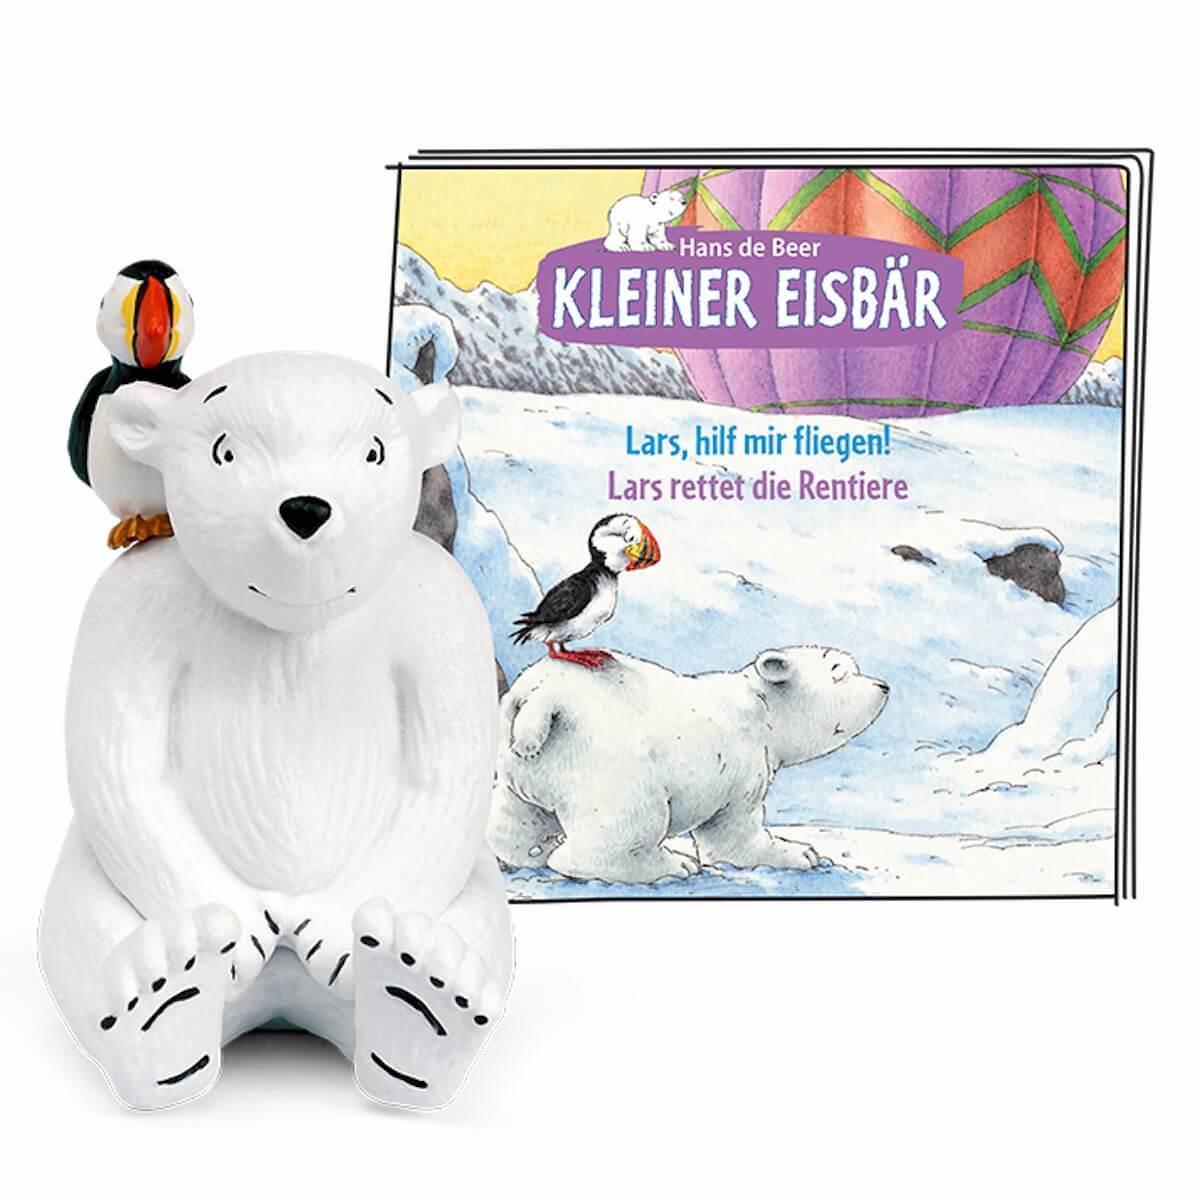 Hörspielfigur TONIES Kleiner Eisbär – Lars, hilf mir fliegen/Rentiere